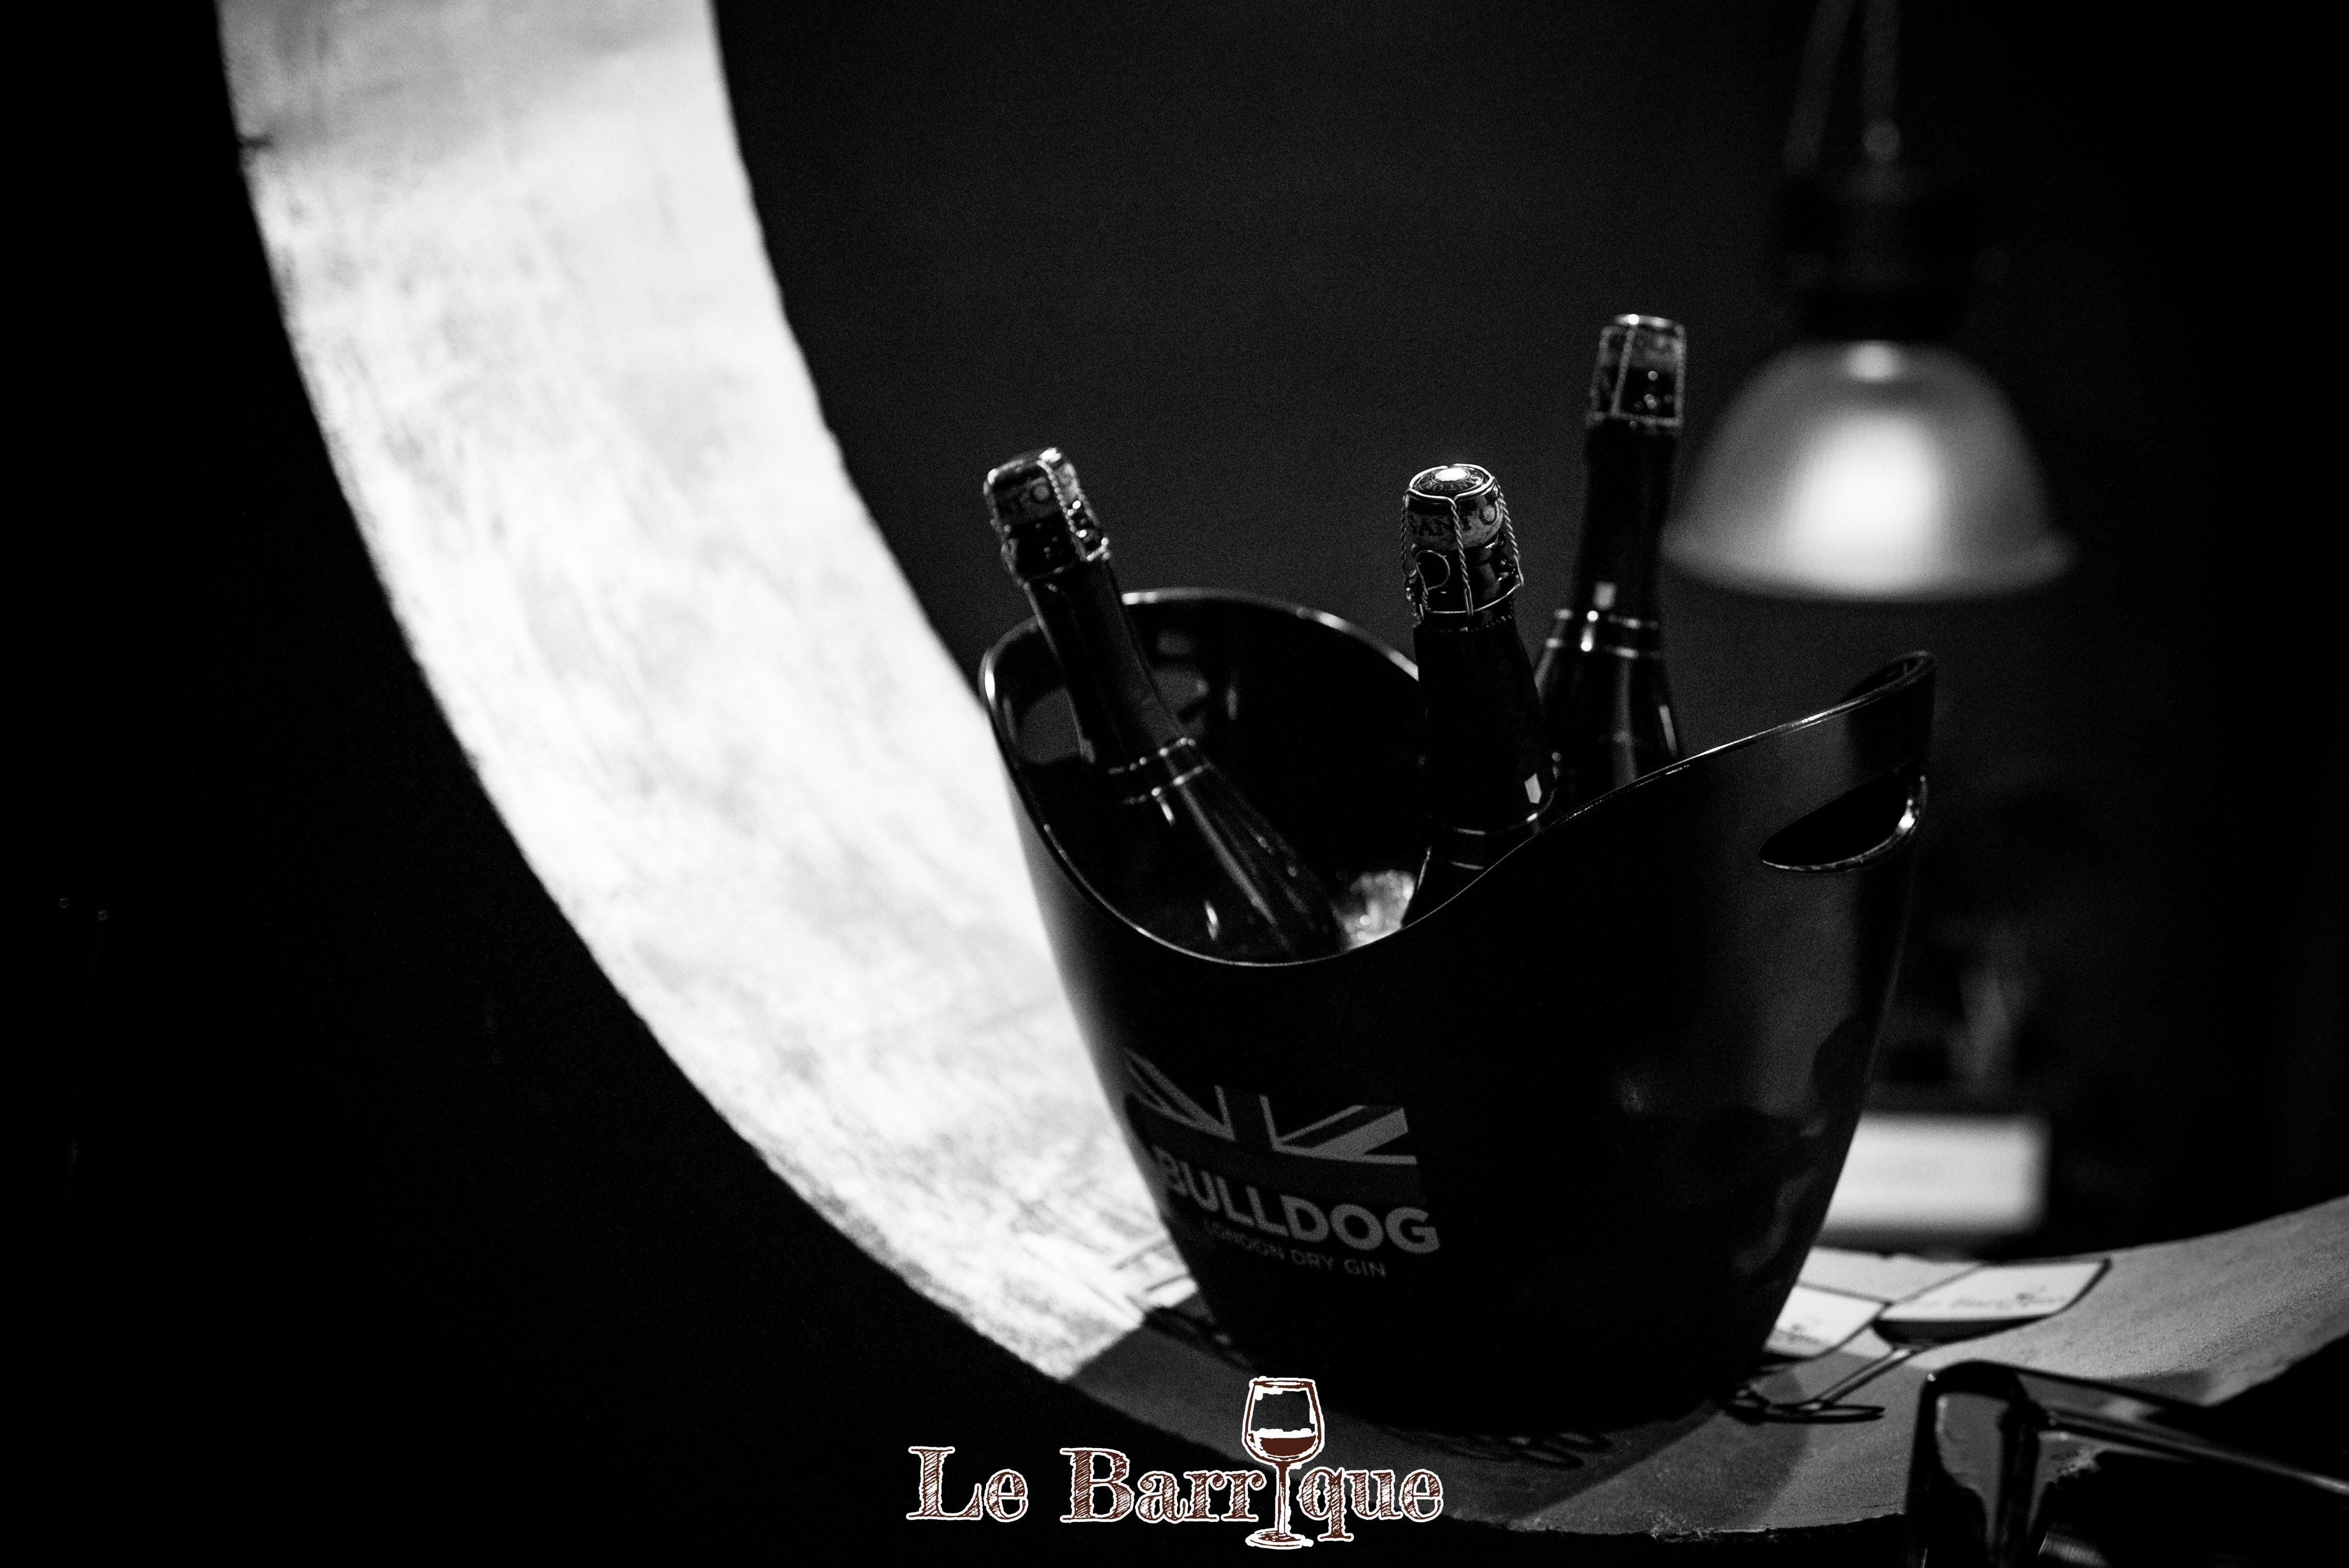 immagine bianco e nero di un portaghiaccio con tre bottiglie di champagne all'interno